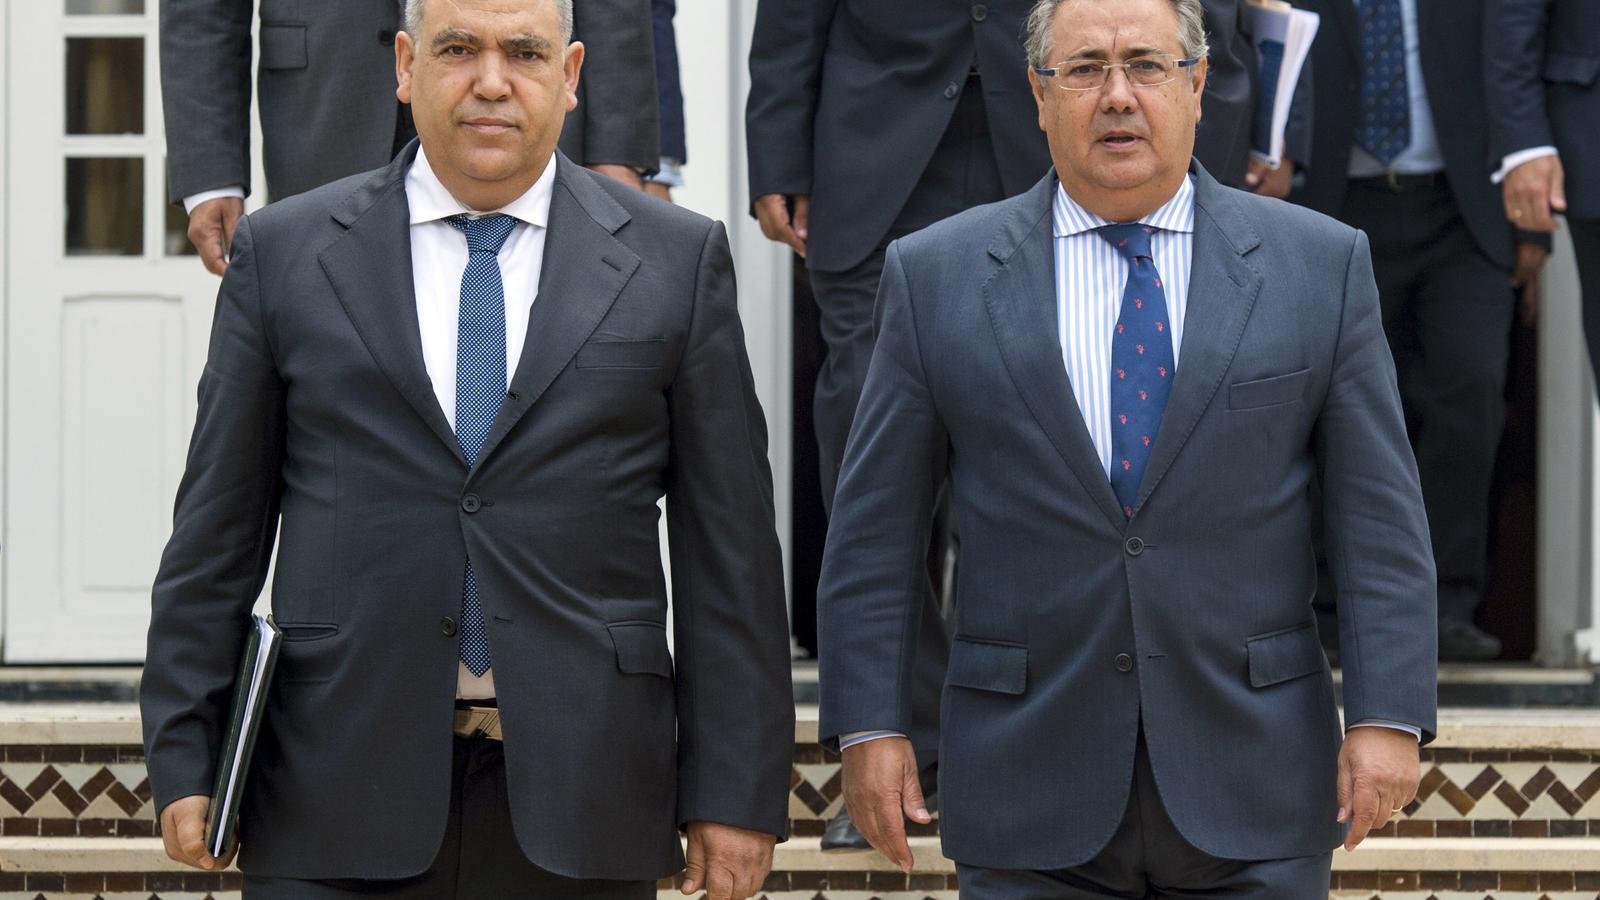 La policia marroquina det dos homes relacionats amb els for Ministre interior